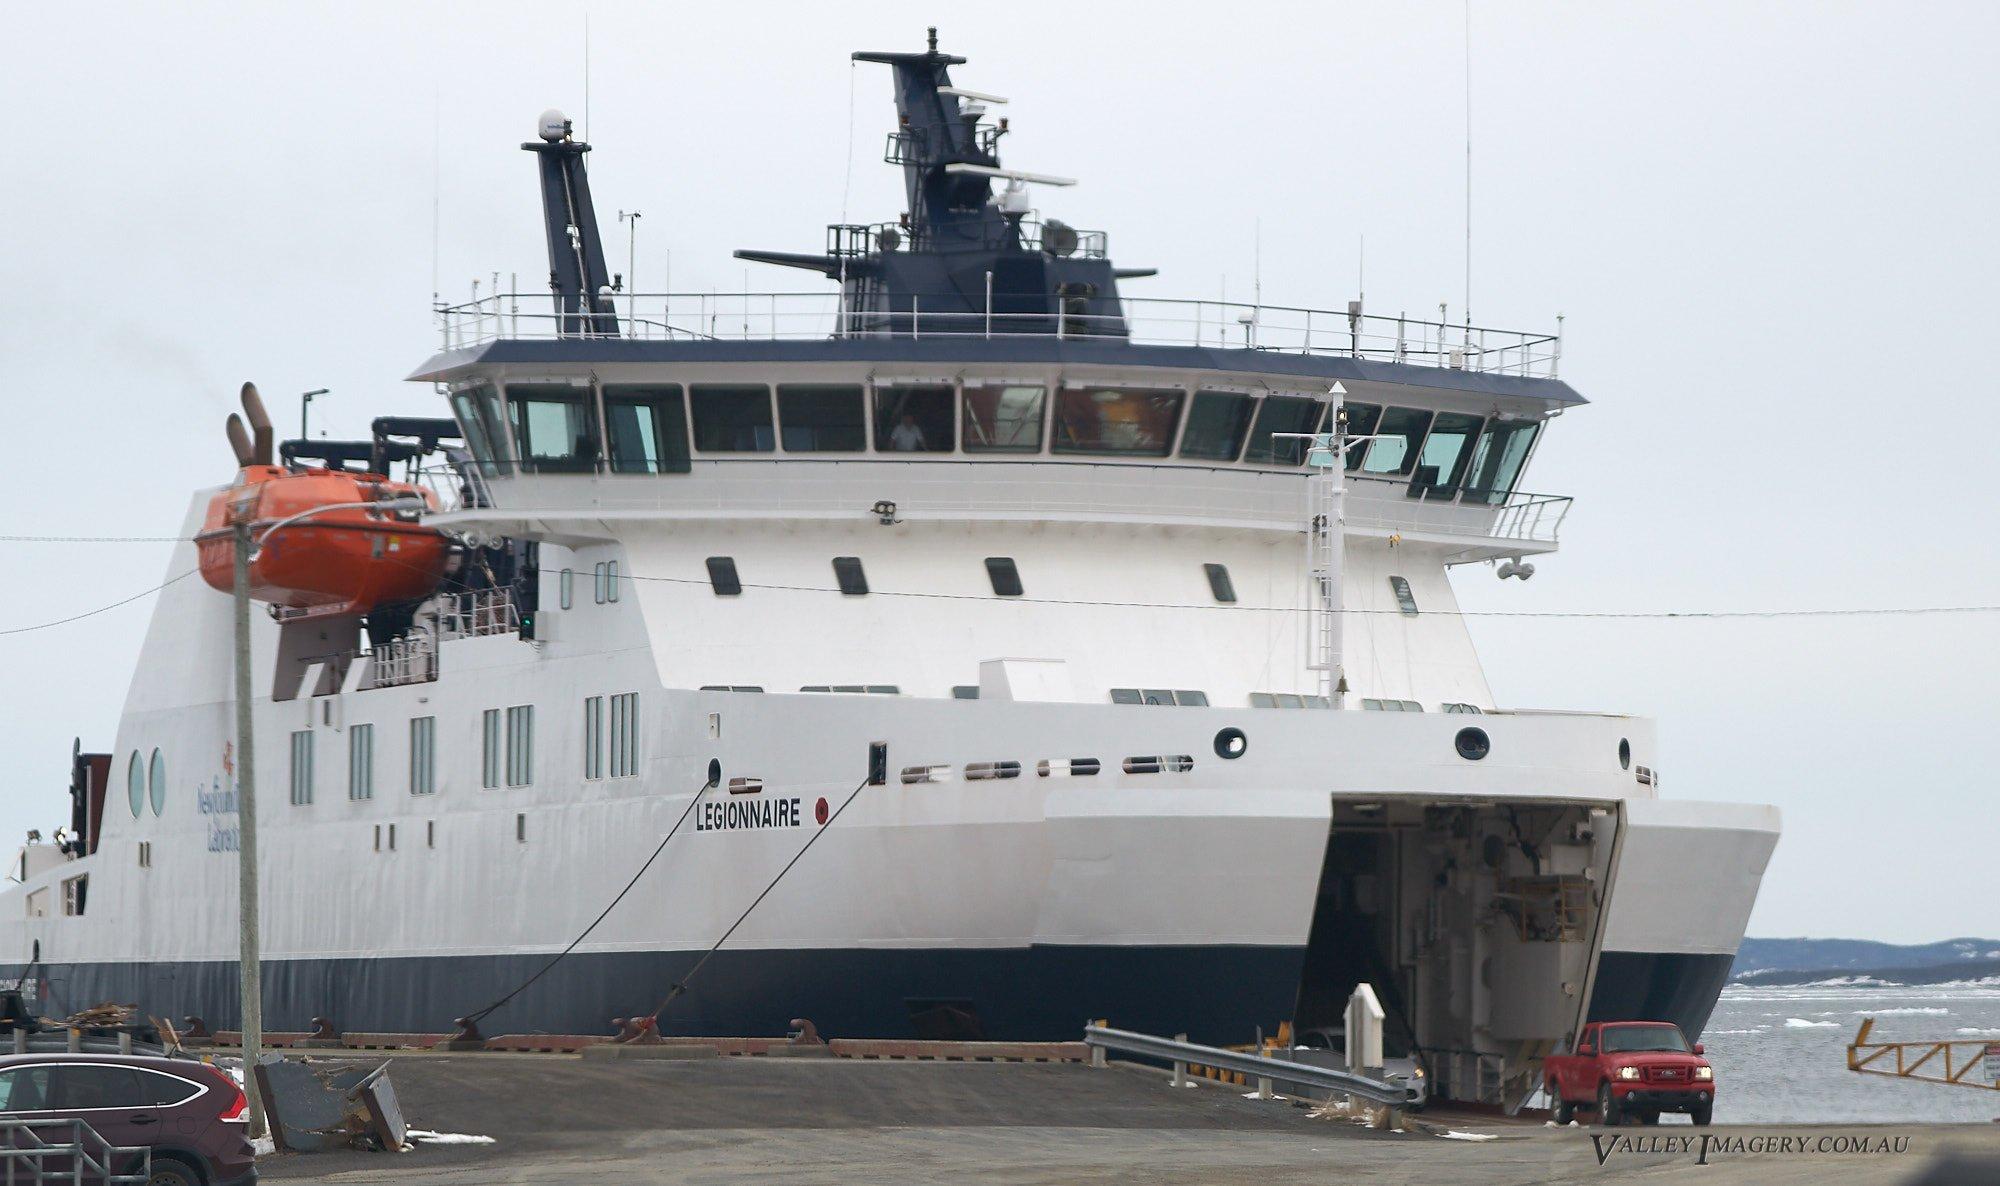 The Fogo Island Ferry